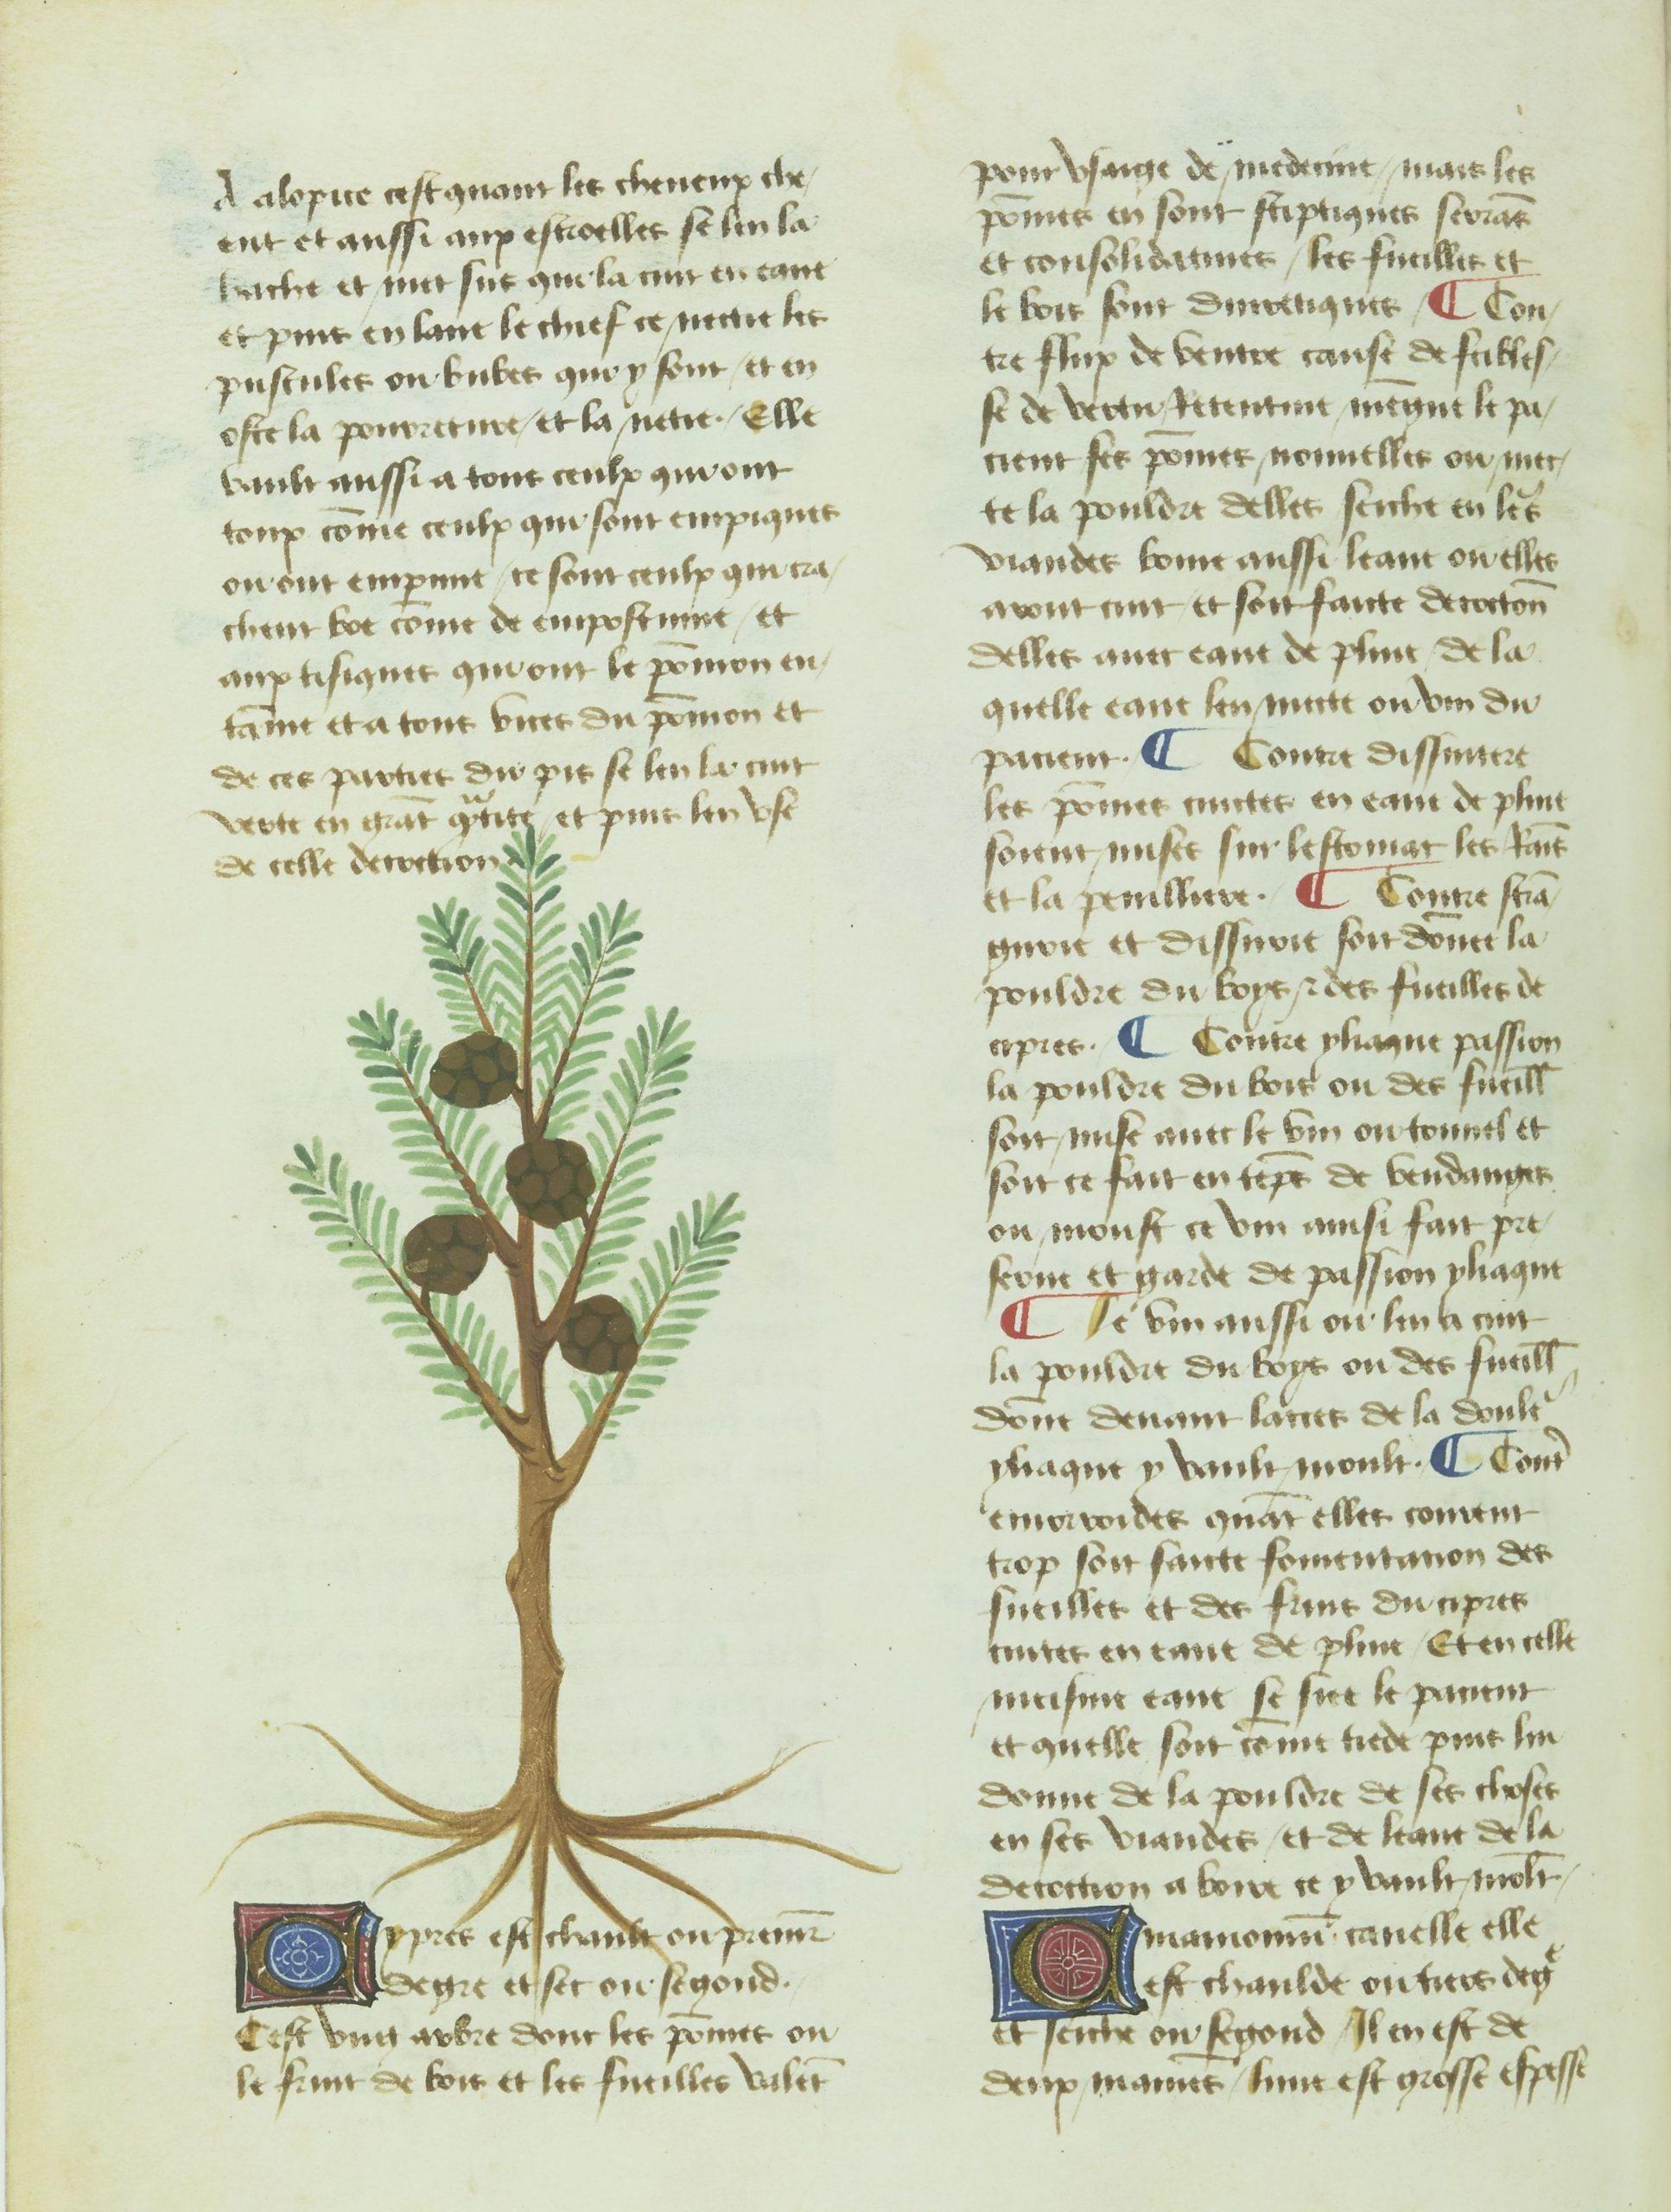 Le cyprès. Livre des simples médecines, BnF, Français 1311, f. 1v, XVe siècle.